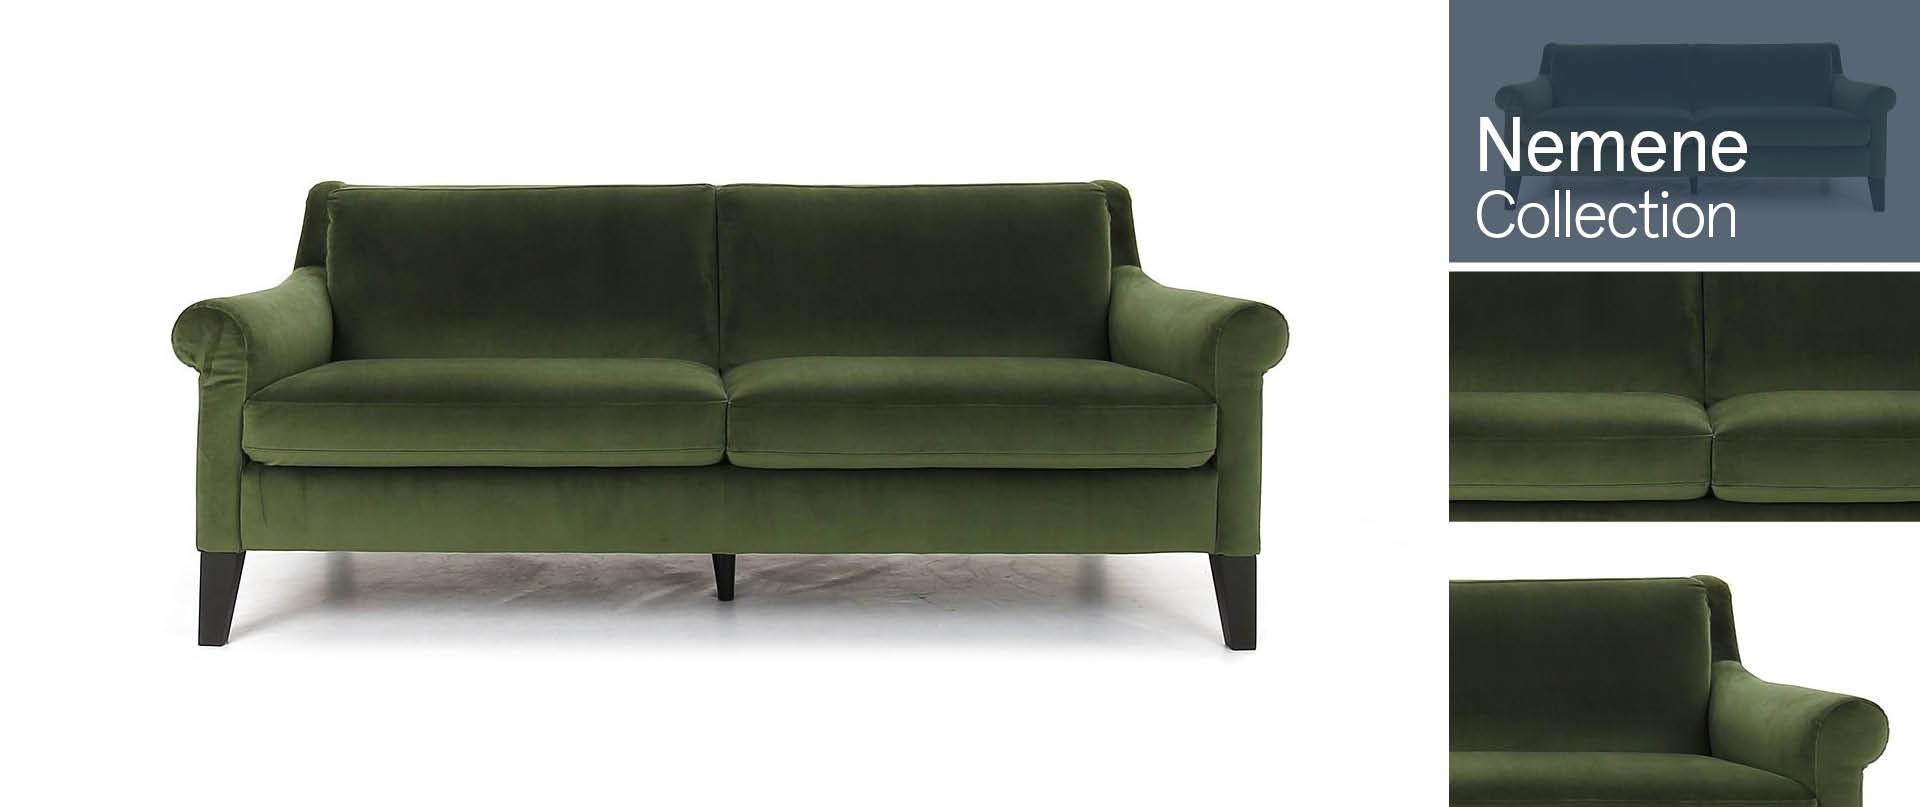 Nemene All Fabric Sofa Ranges